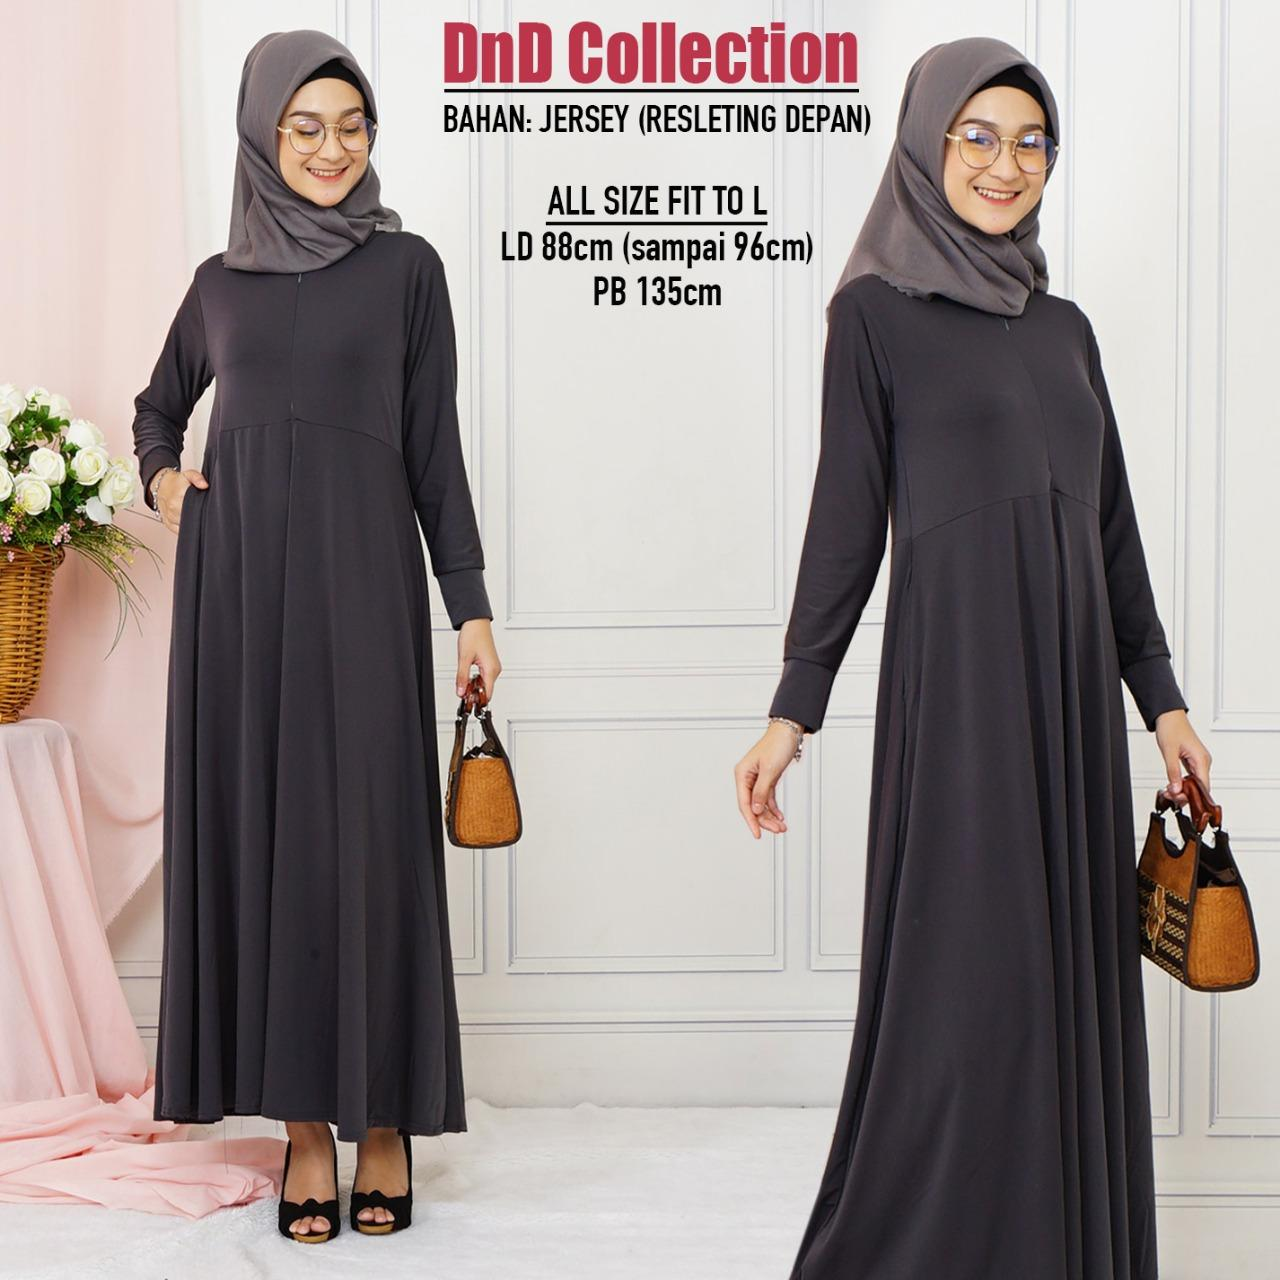 Dnd Cod Promo Gamis Murah Baju Gamis Gamis Wanita Baju Muslimah Dress Muslimah Fashion Muslimah Gamis Jumbo Gamis Kerja Gamis Busui Gamis Casual